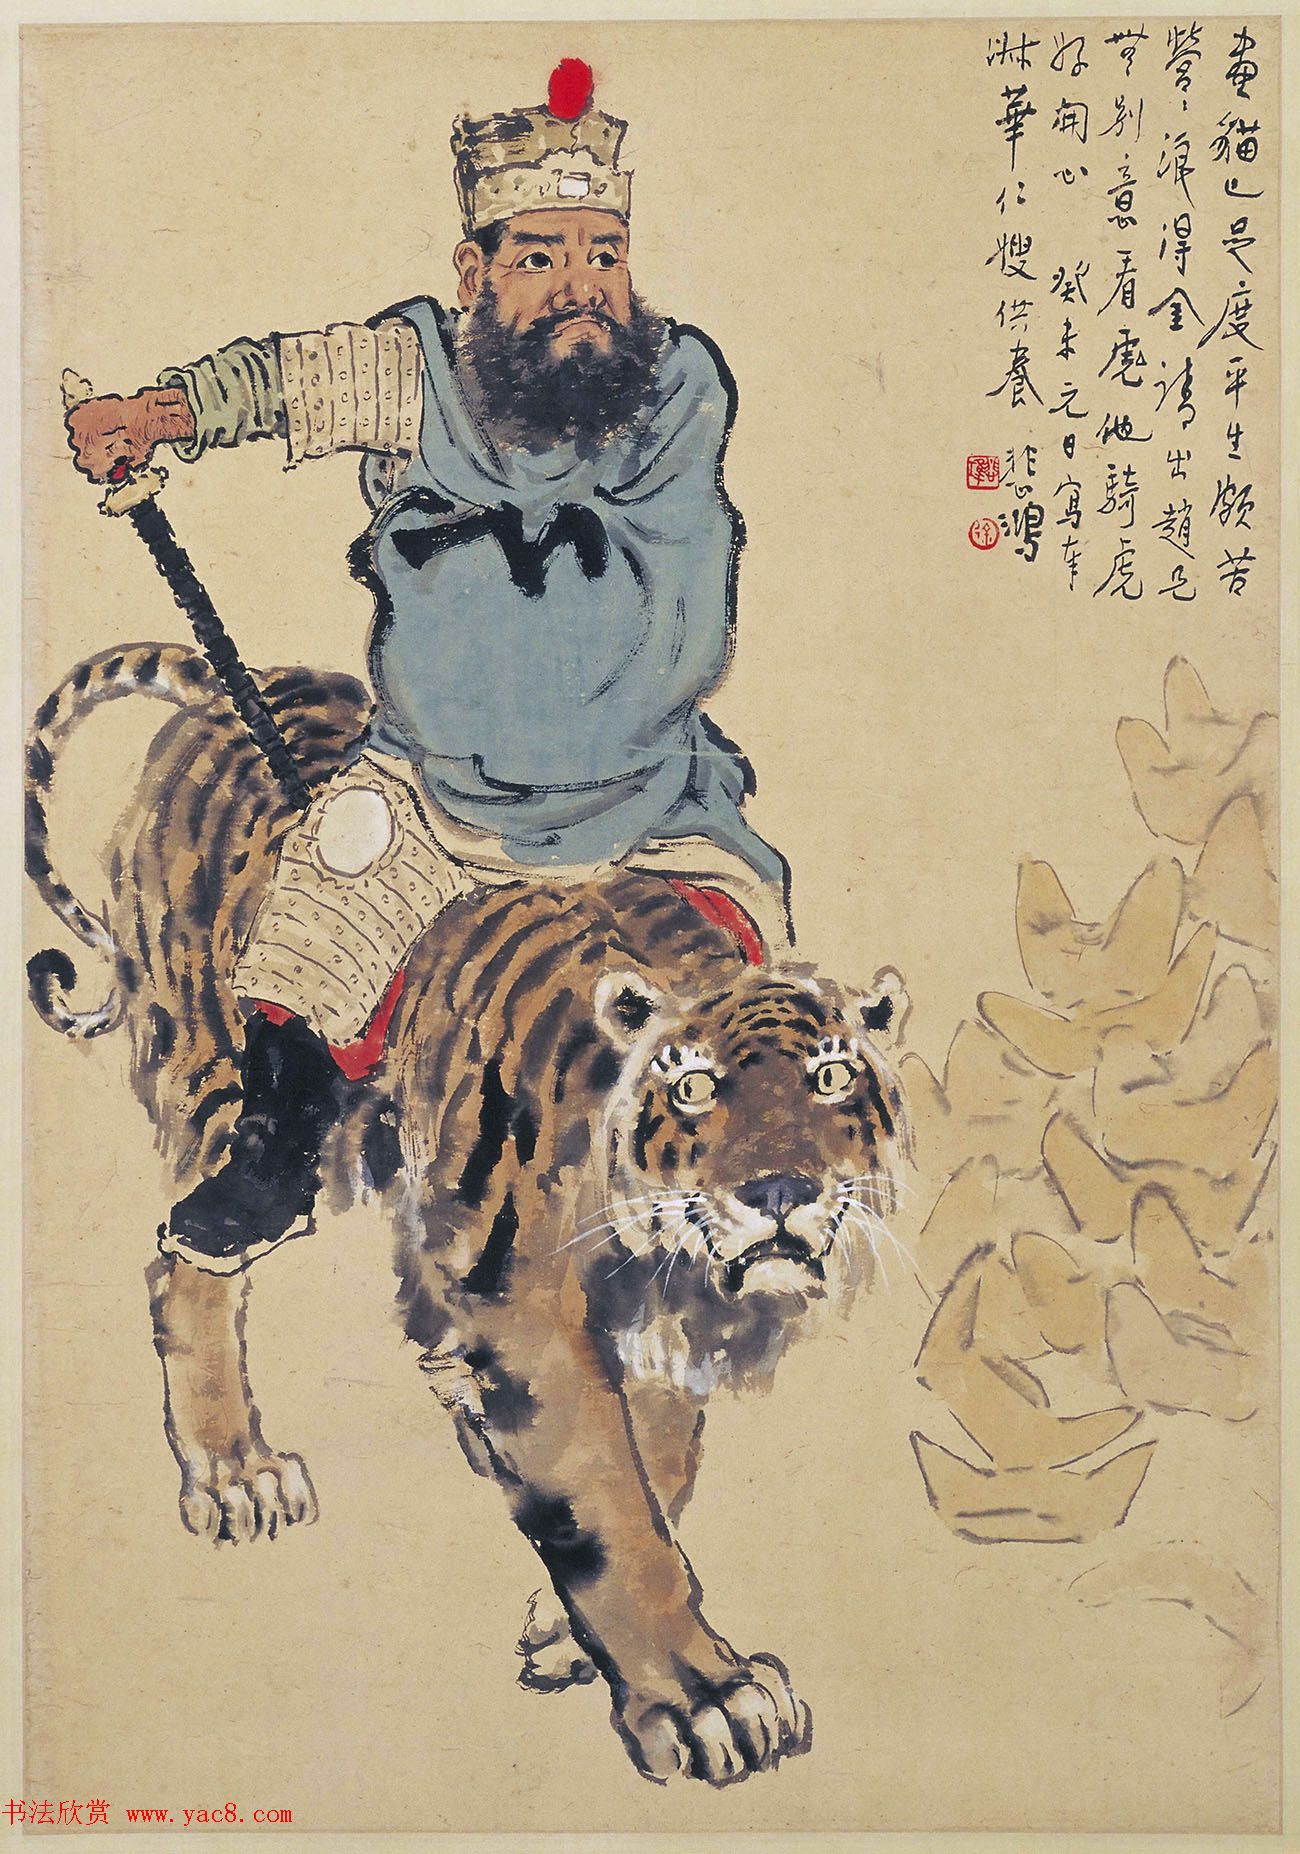 徐悲鸿48岁绘画作品《骑虎财神像》